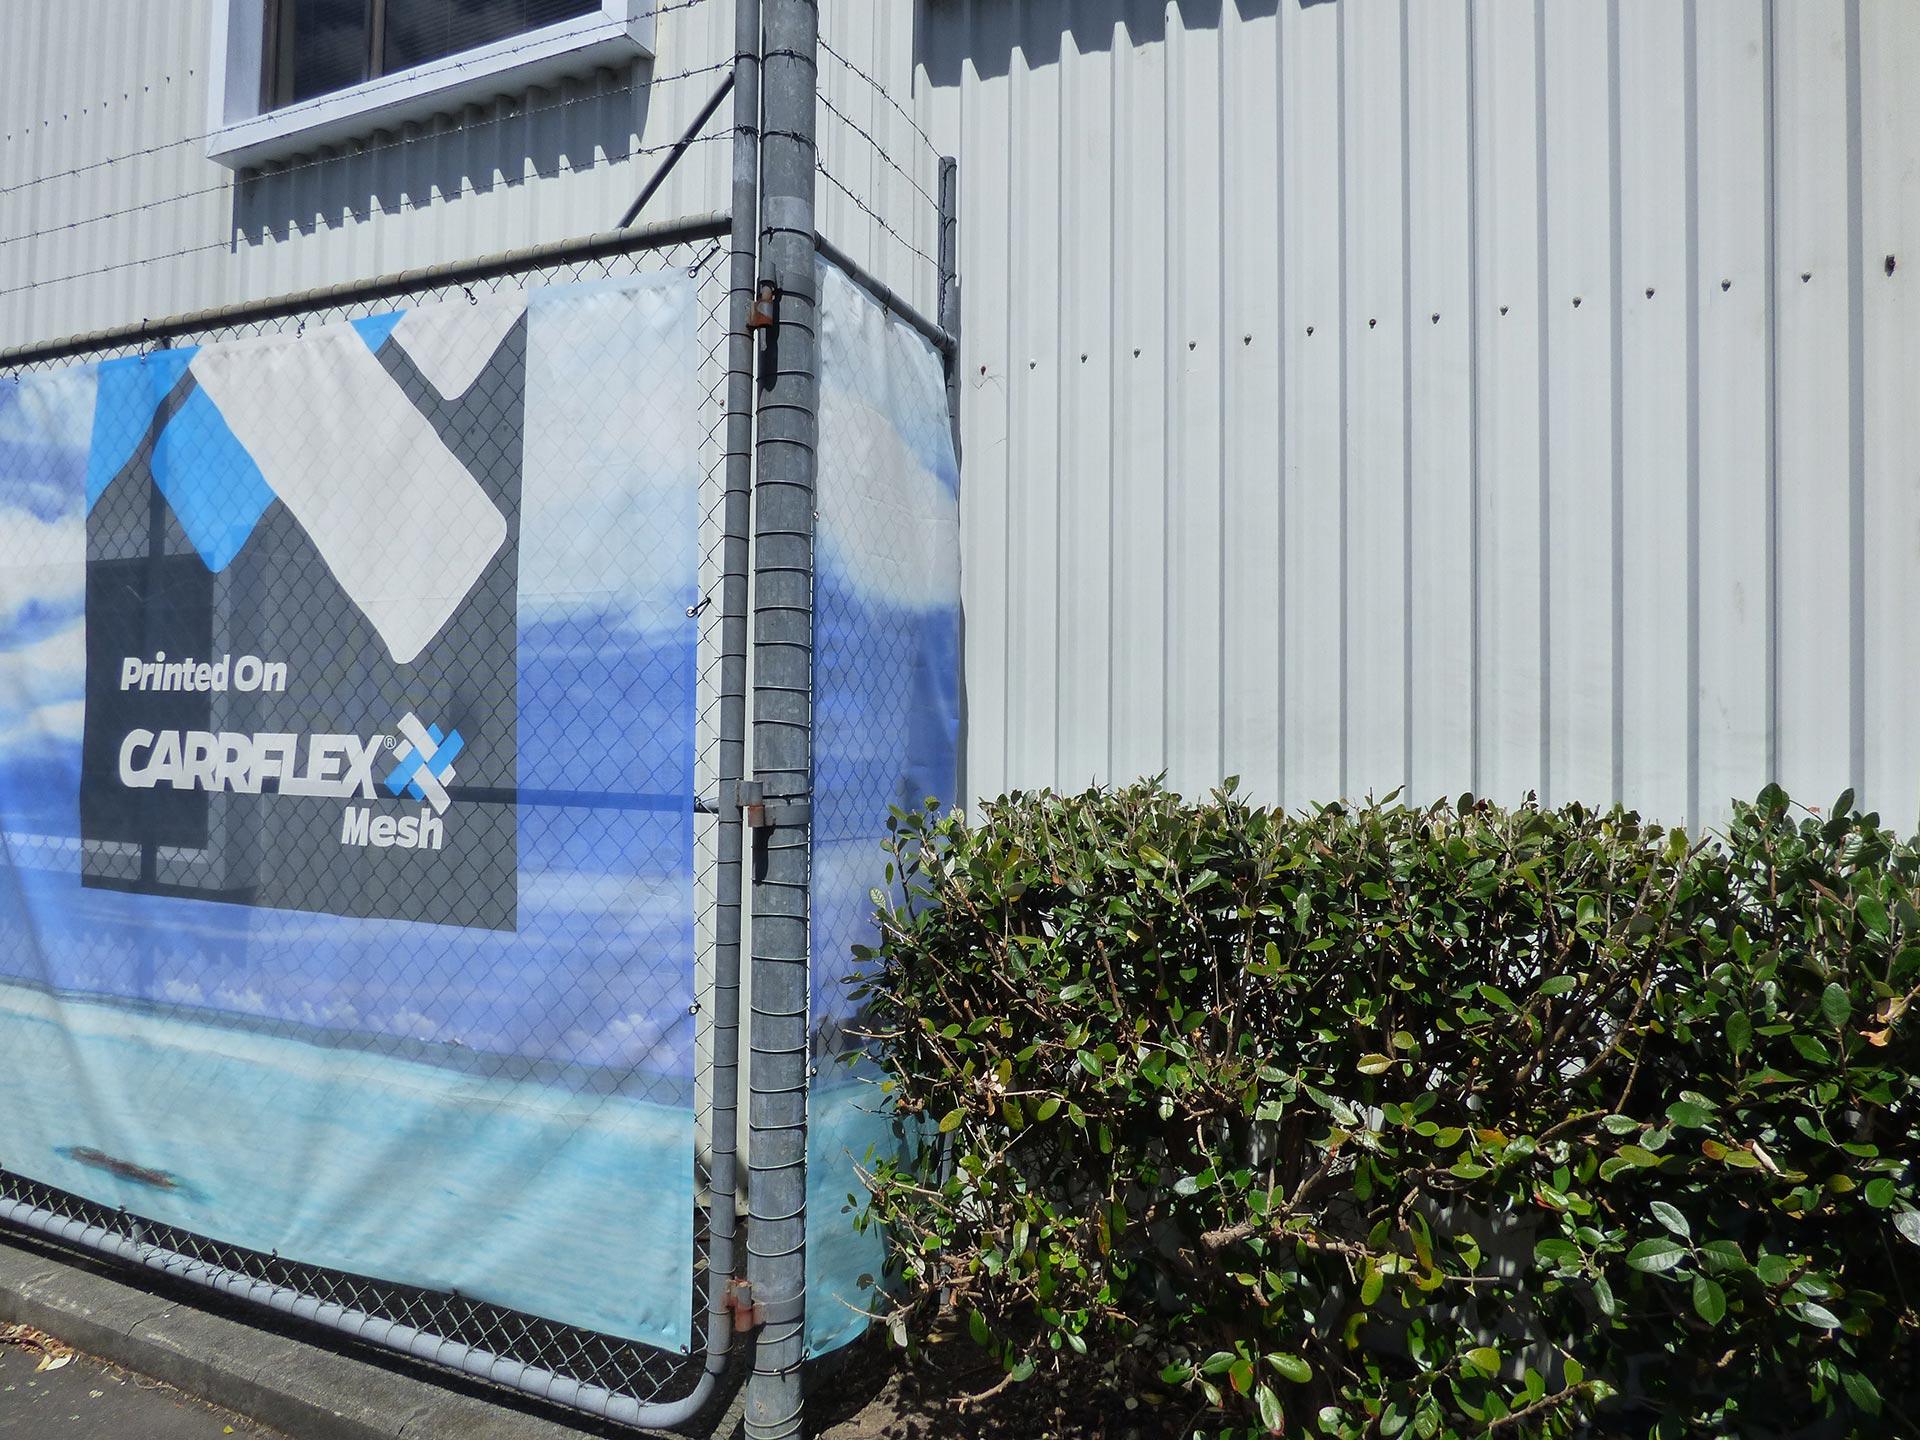 advertising-mesh-banner-Carrflex-Mesh5